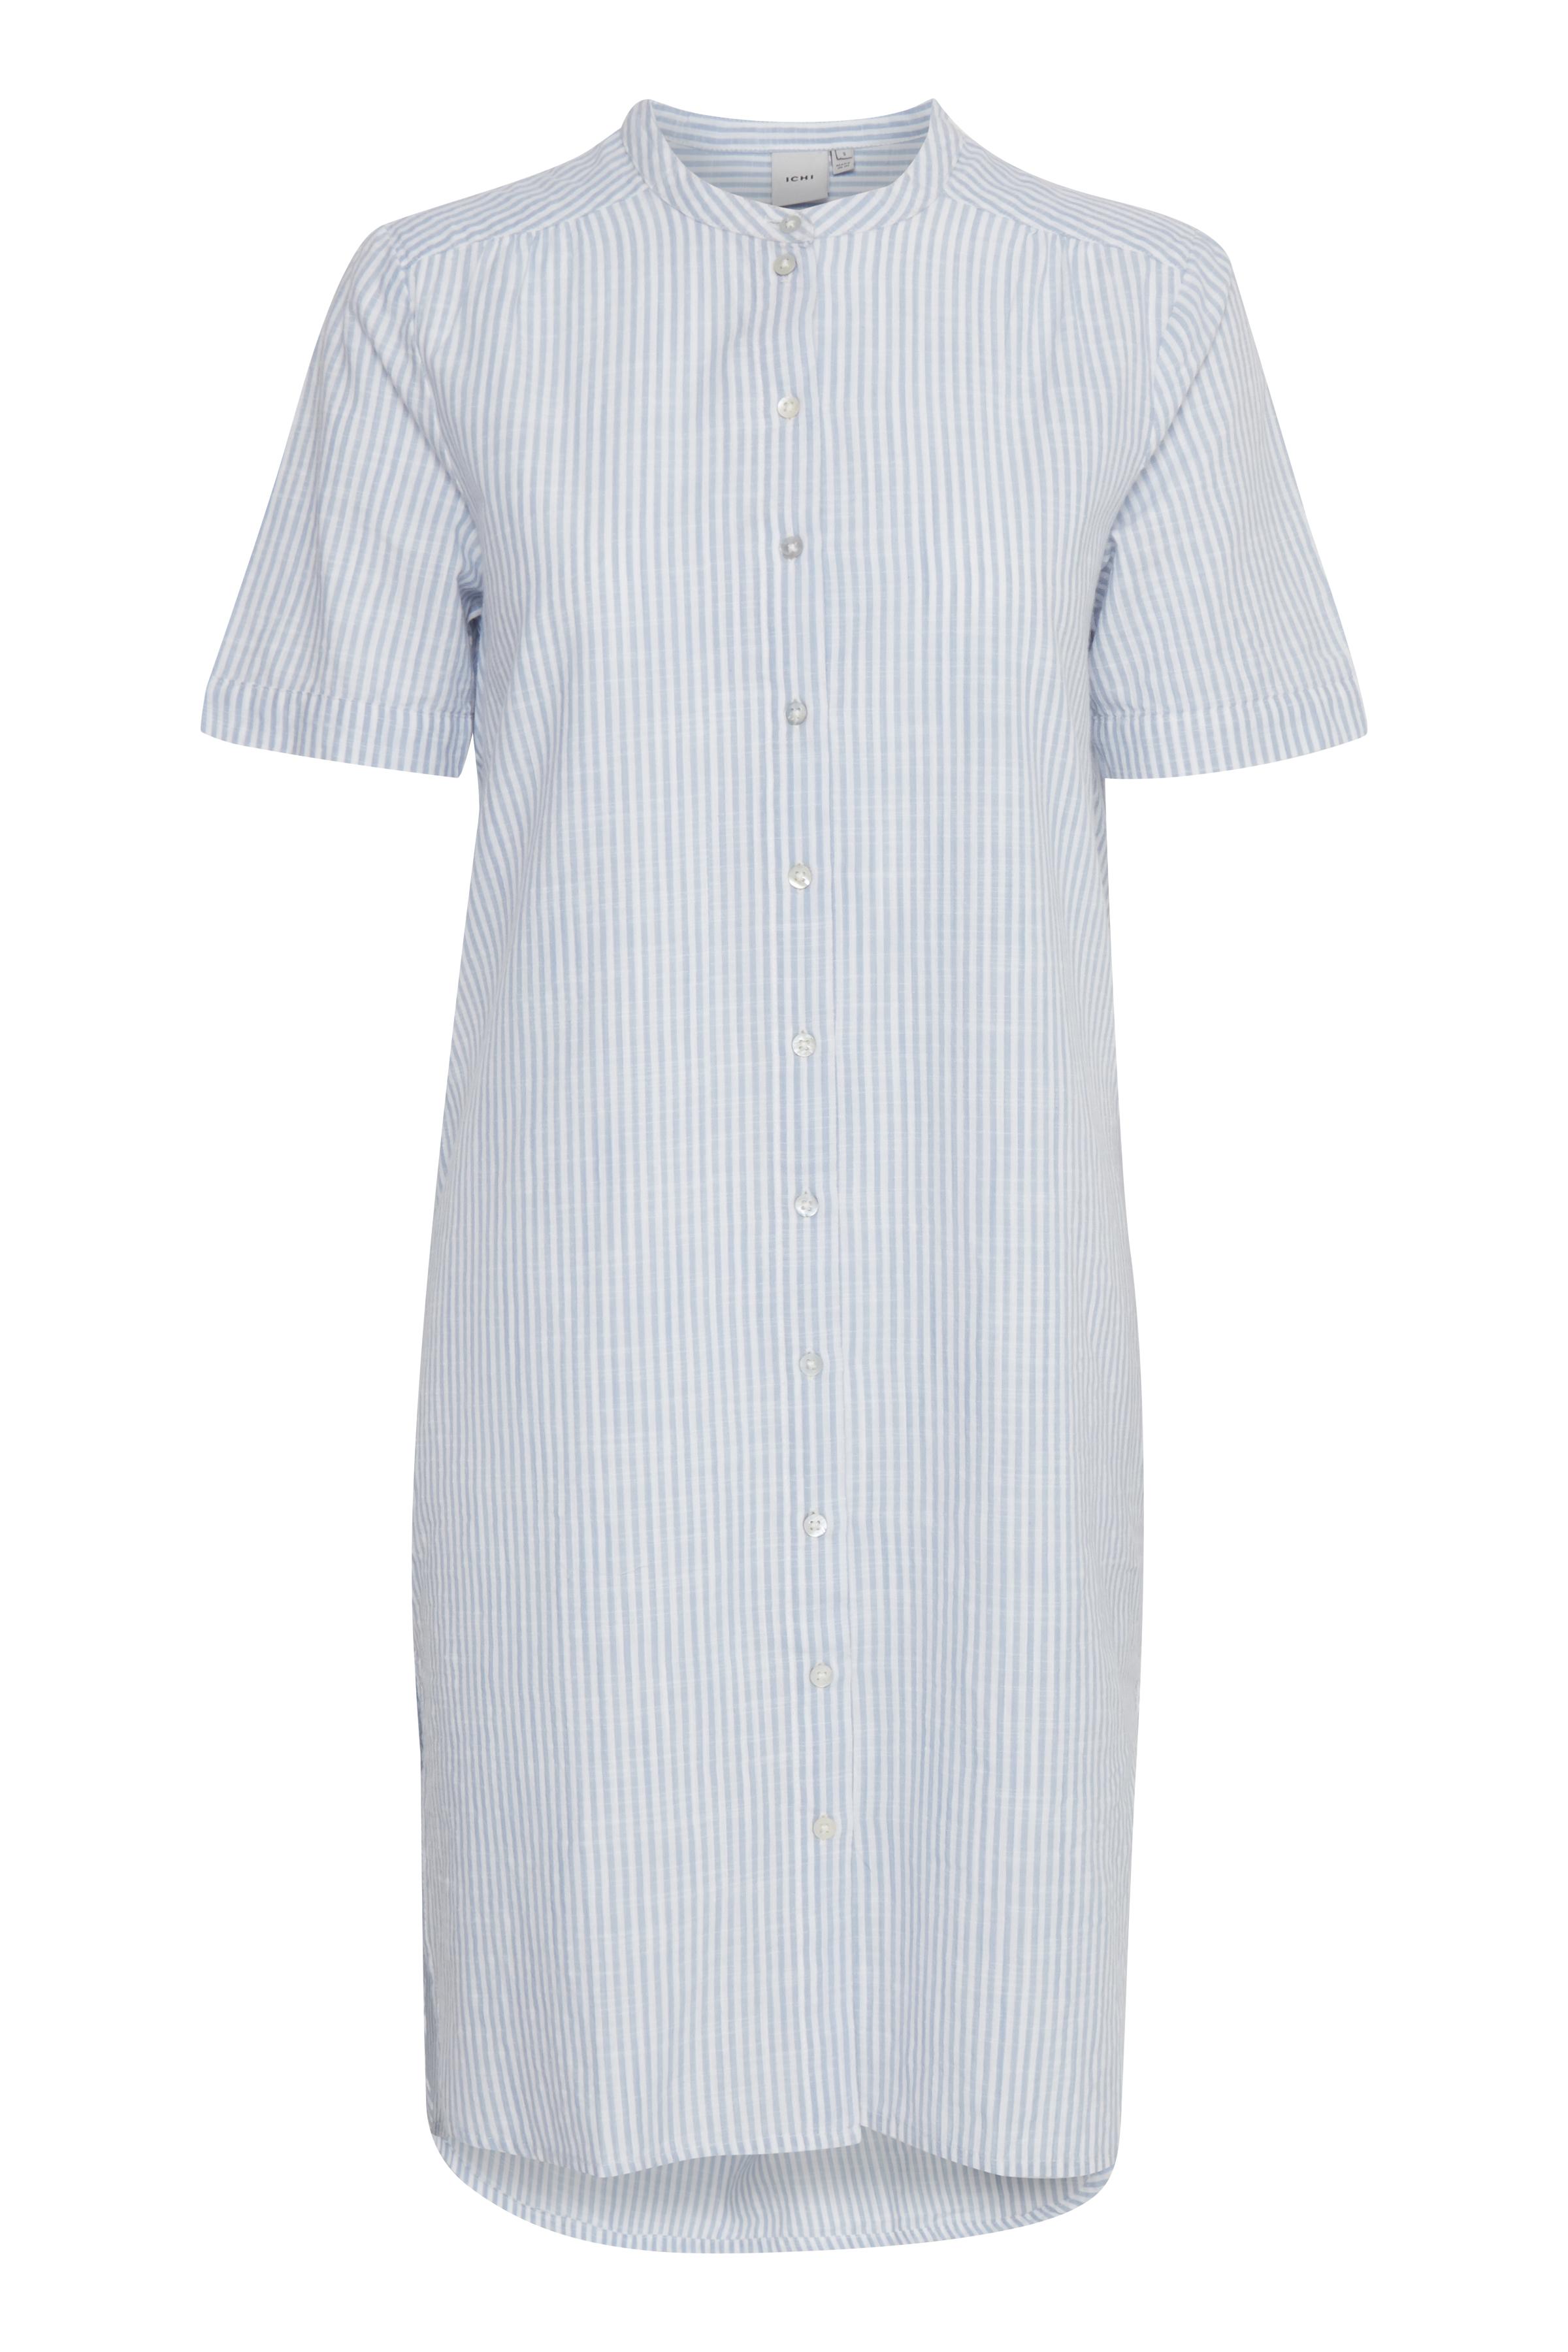 Della Robbia Blue Stripe Skjorte – Køb Della Robbia Blue Stripe Skjorte fra str. XS-XL her